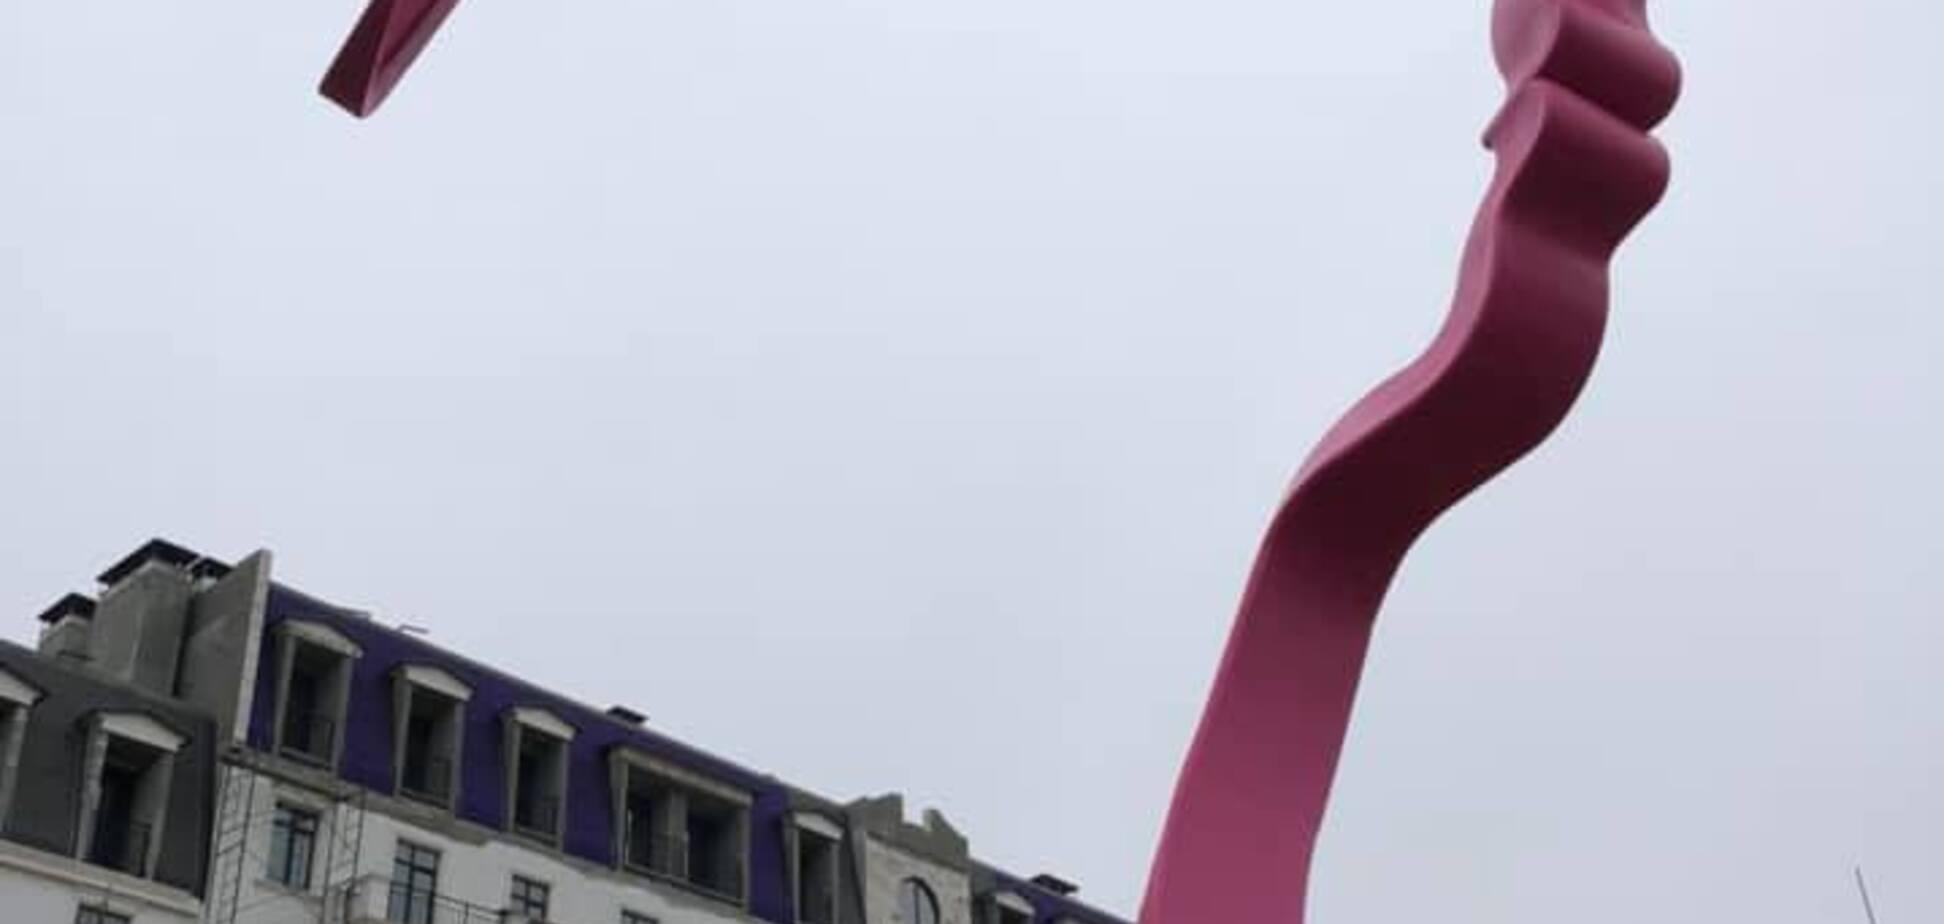 Под Одессой установили гигантский арт-объект 'Дочь'. Фото и видео